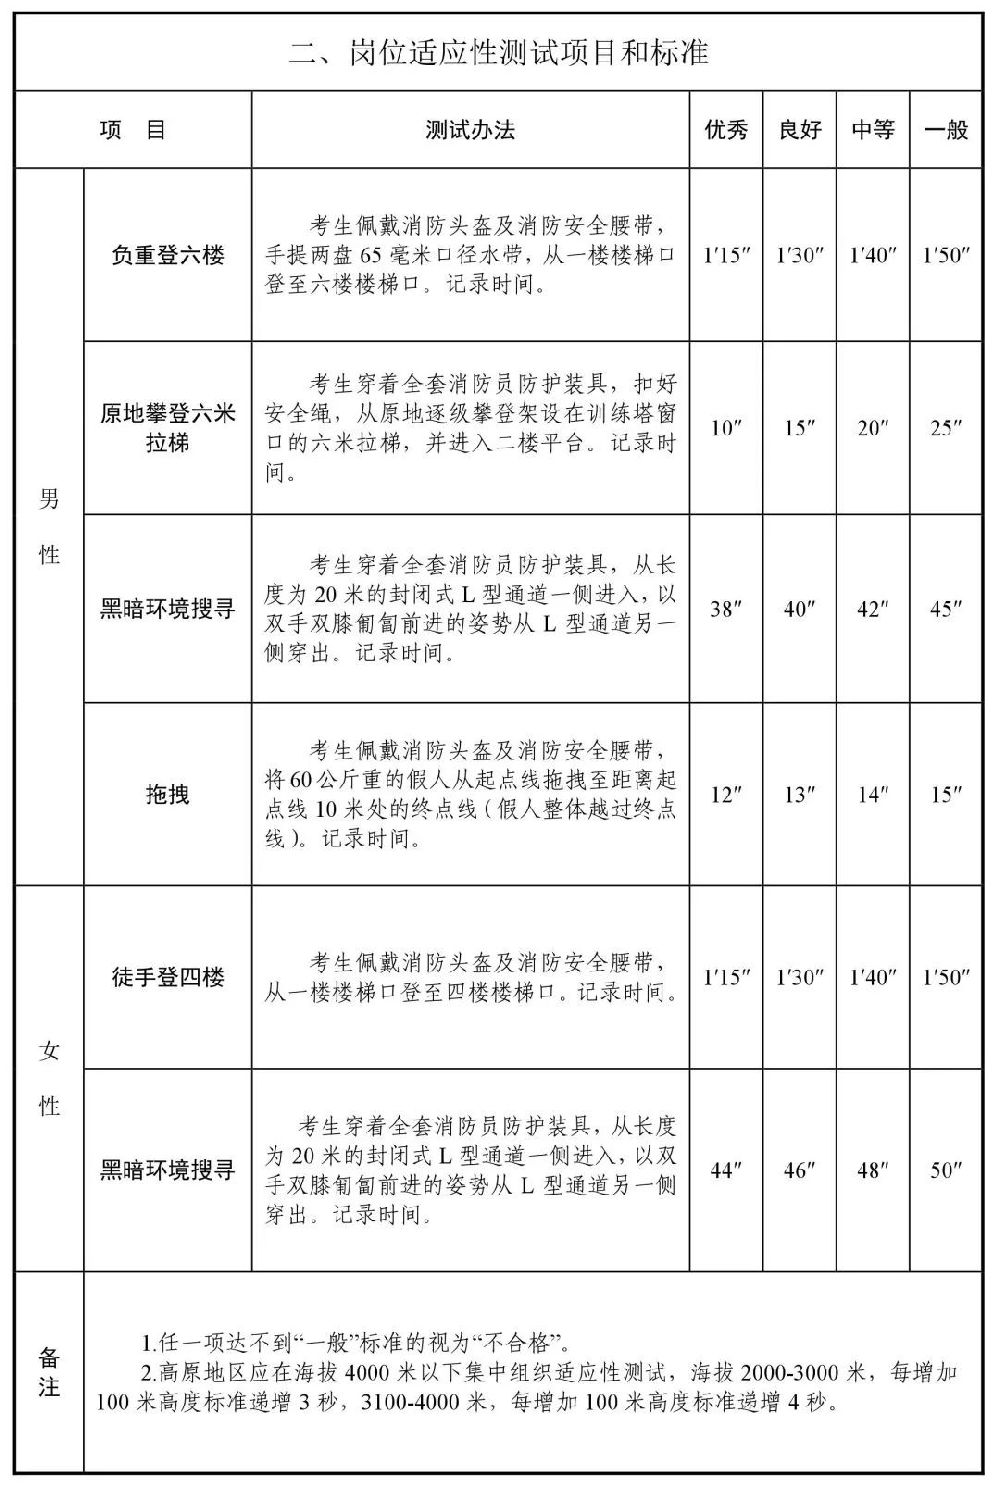 上海拟招聘400名消防员 报名启动